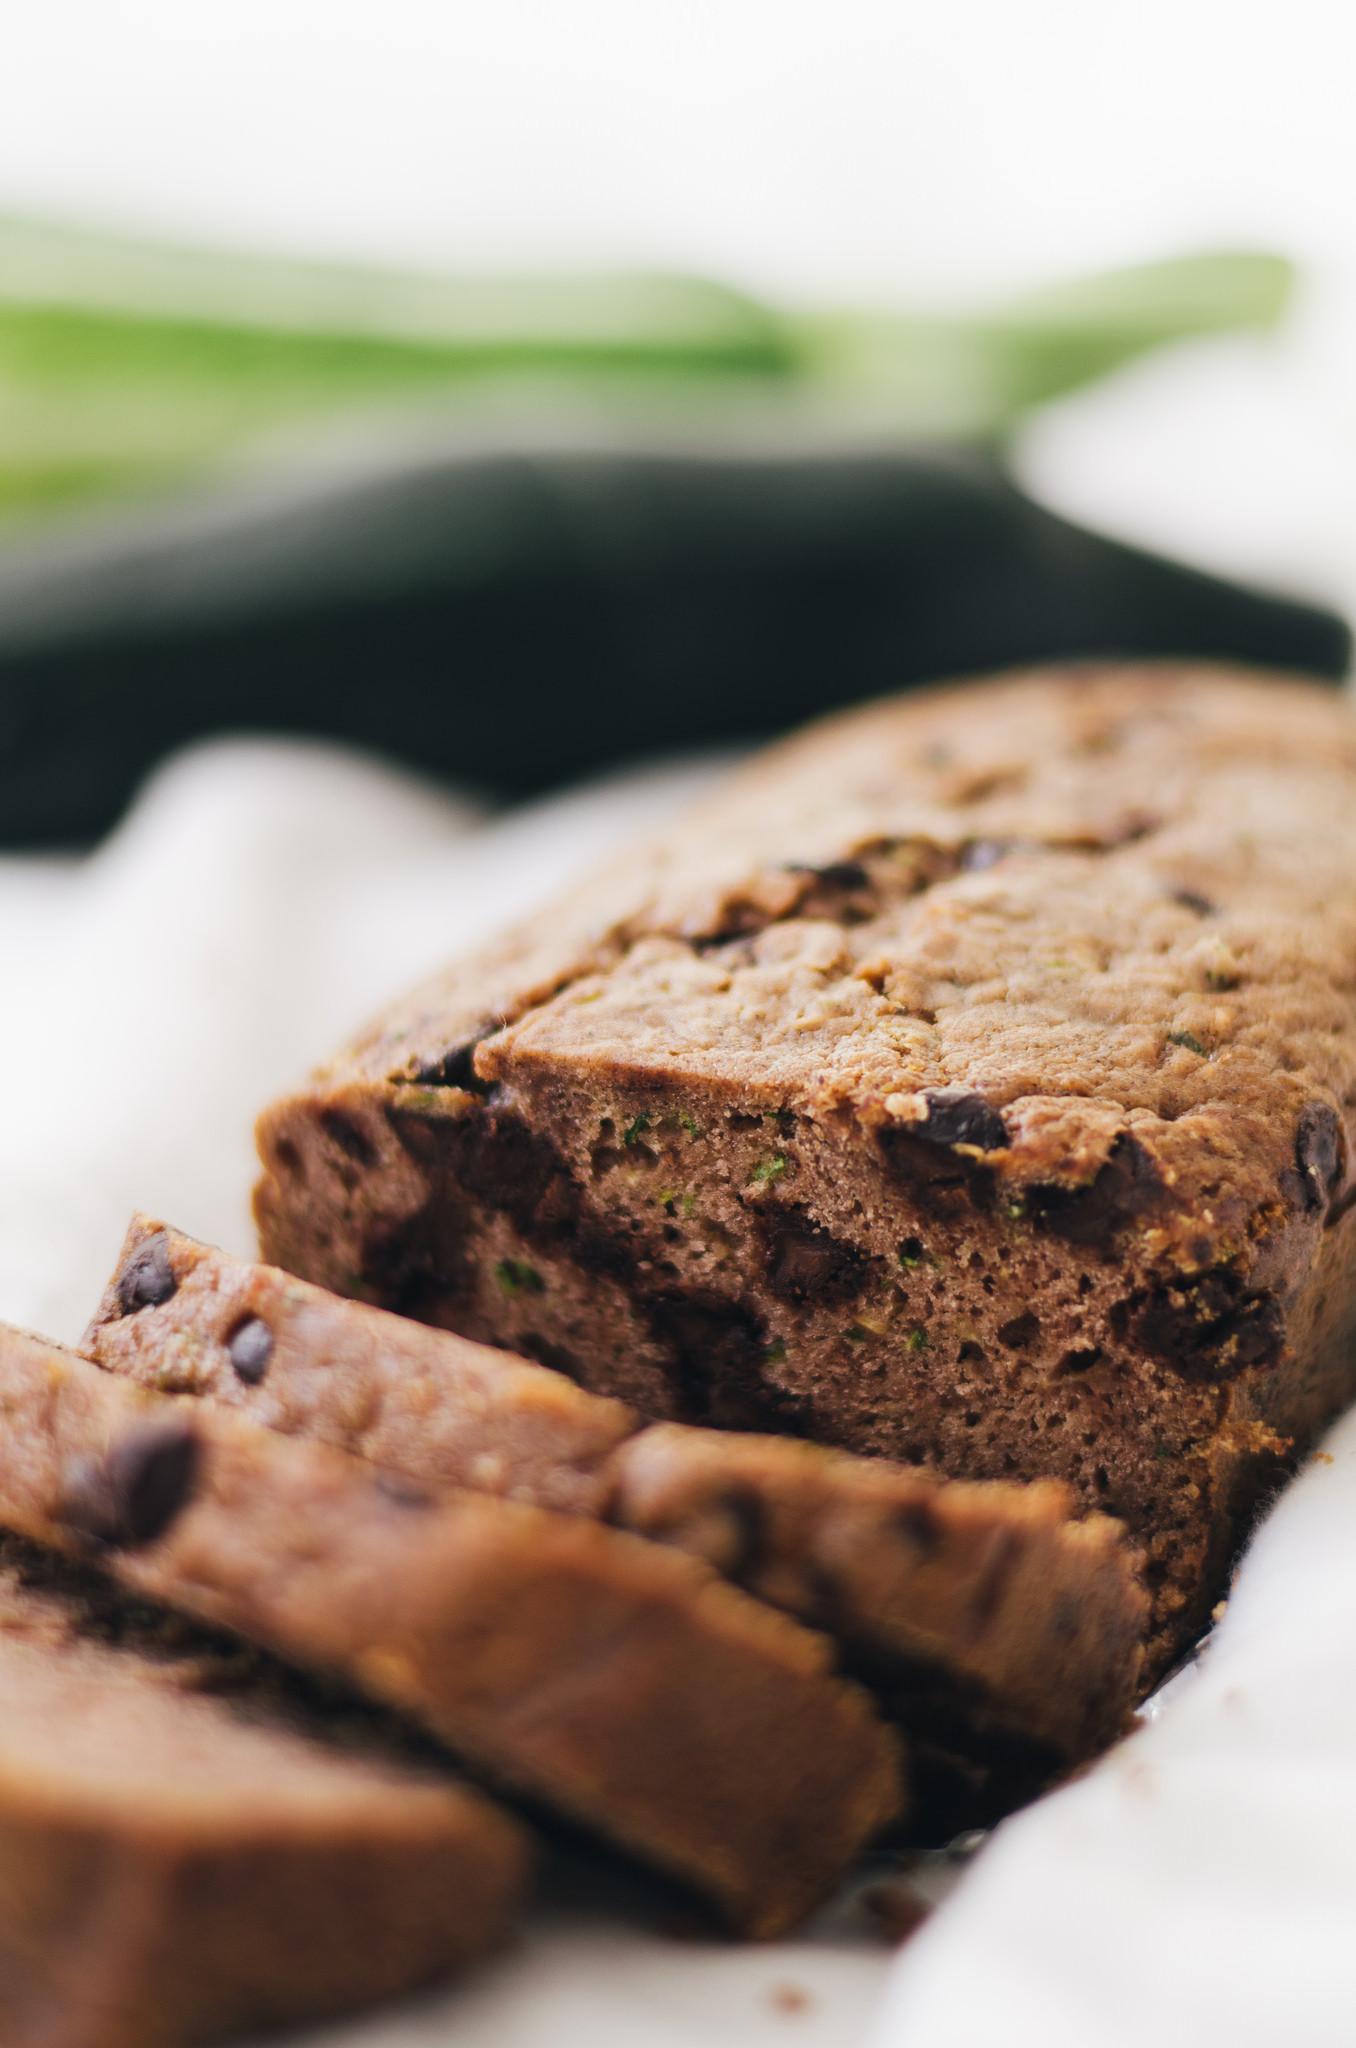 Chocolate Chip Zucchini Bread Recipe  Best Ever Chocolate Chip Zucchini Bread